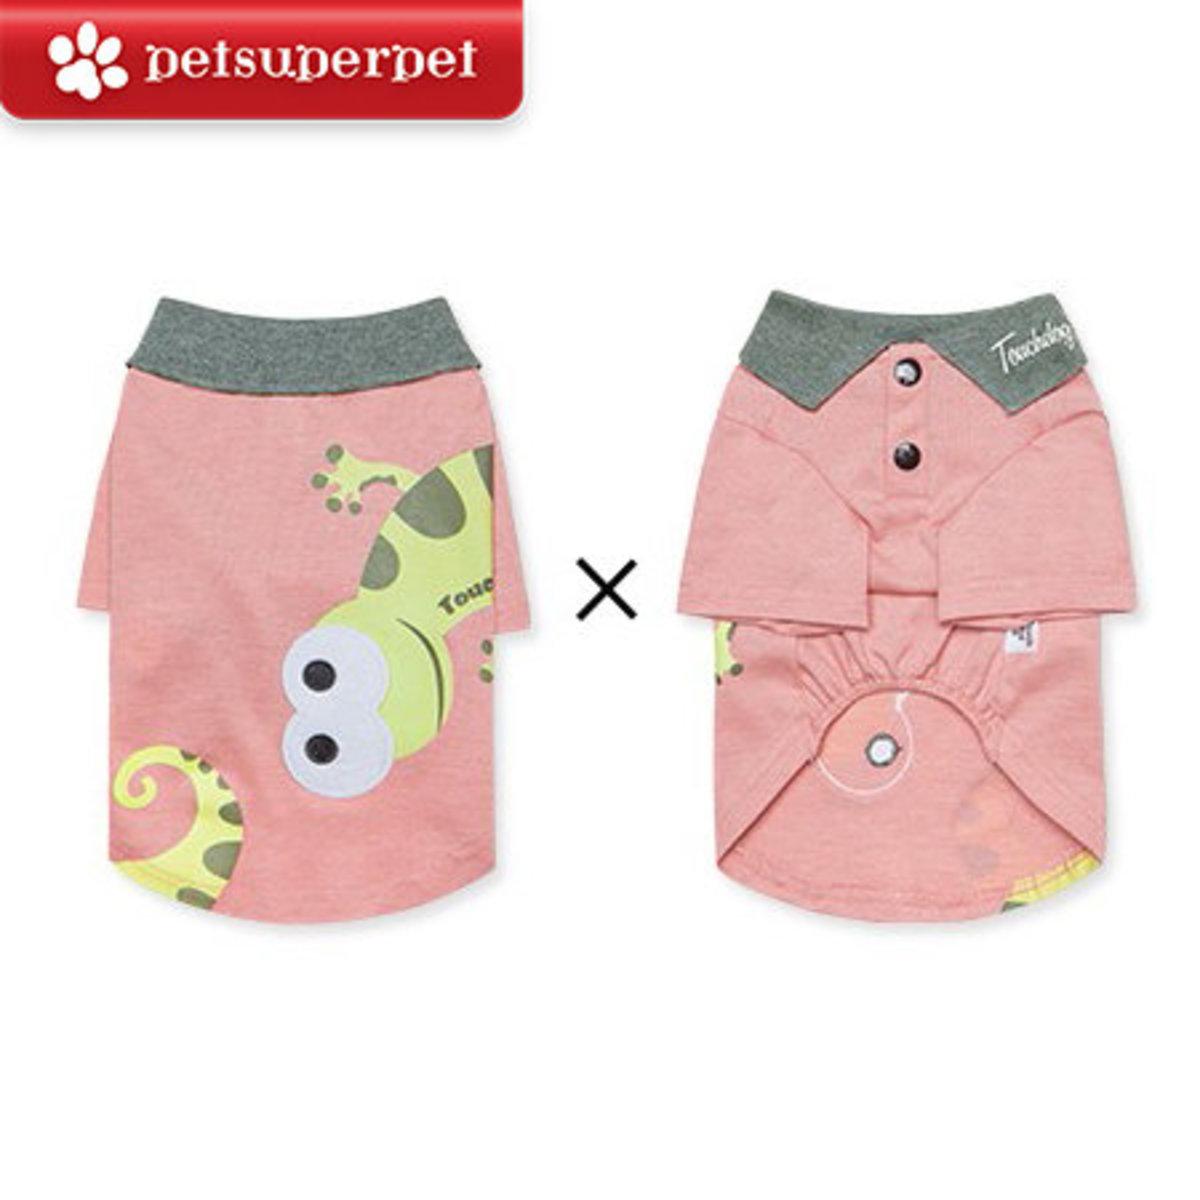 可愛變色龍小型犬Polo恤 (平行進口貨品) - 粉紅色,中碼